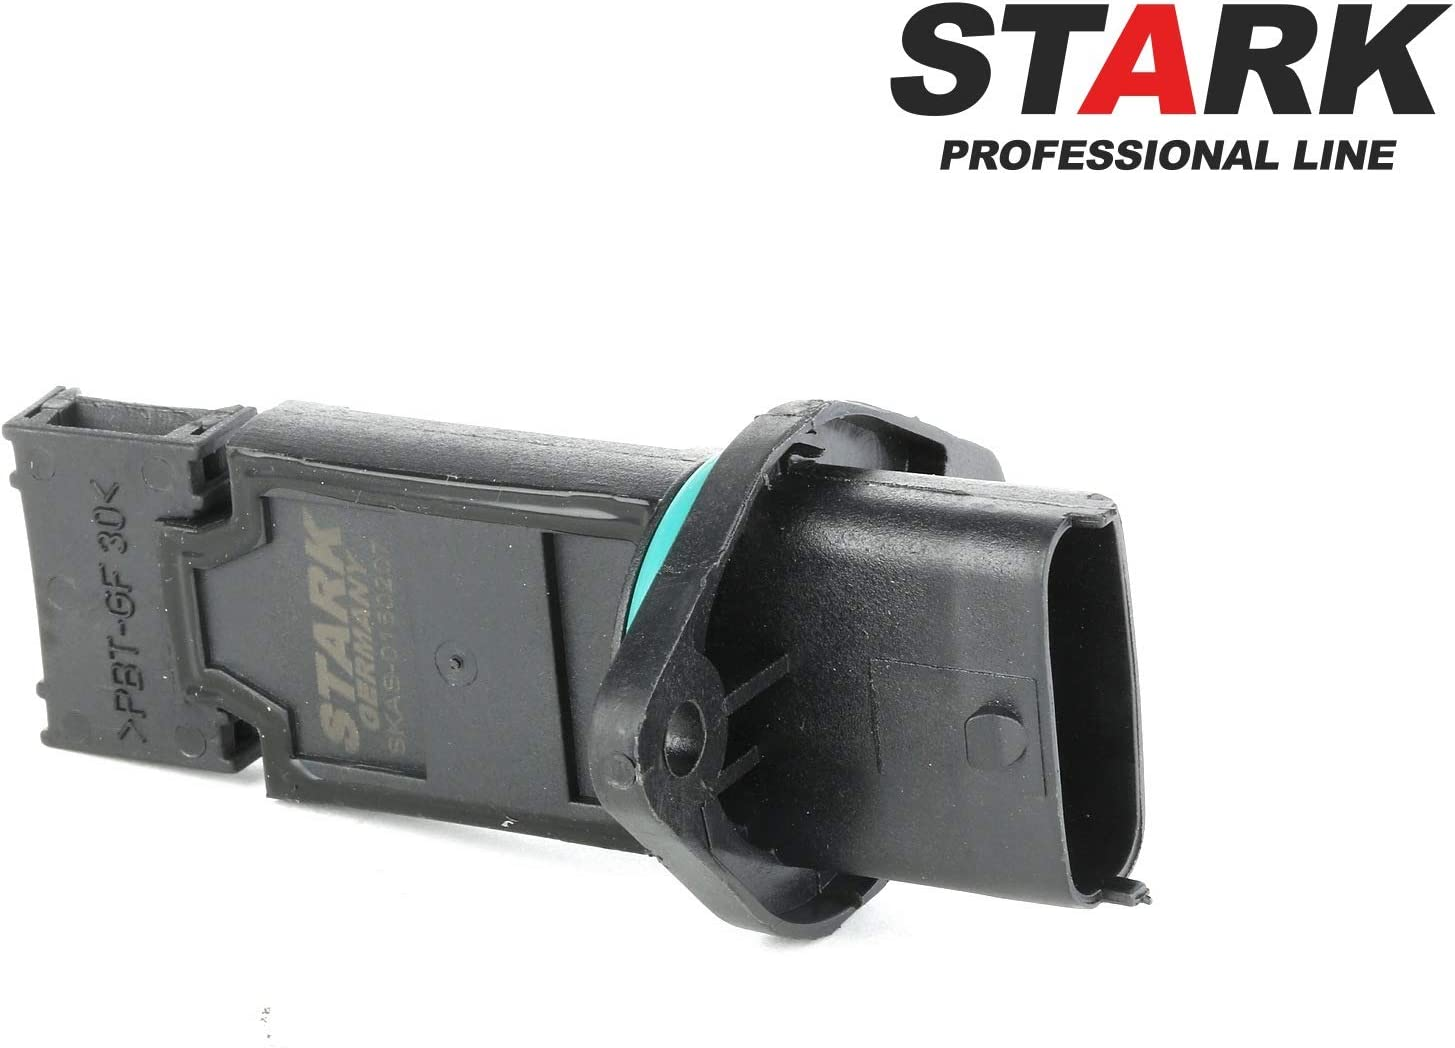 STARK SKAS-0150207 Luftmassenmesser Luftmengenmesser LMM